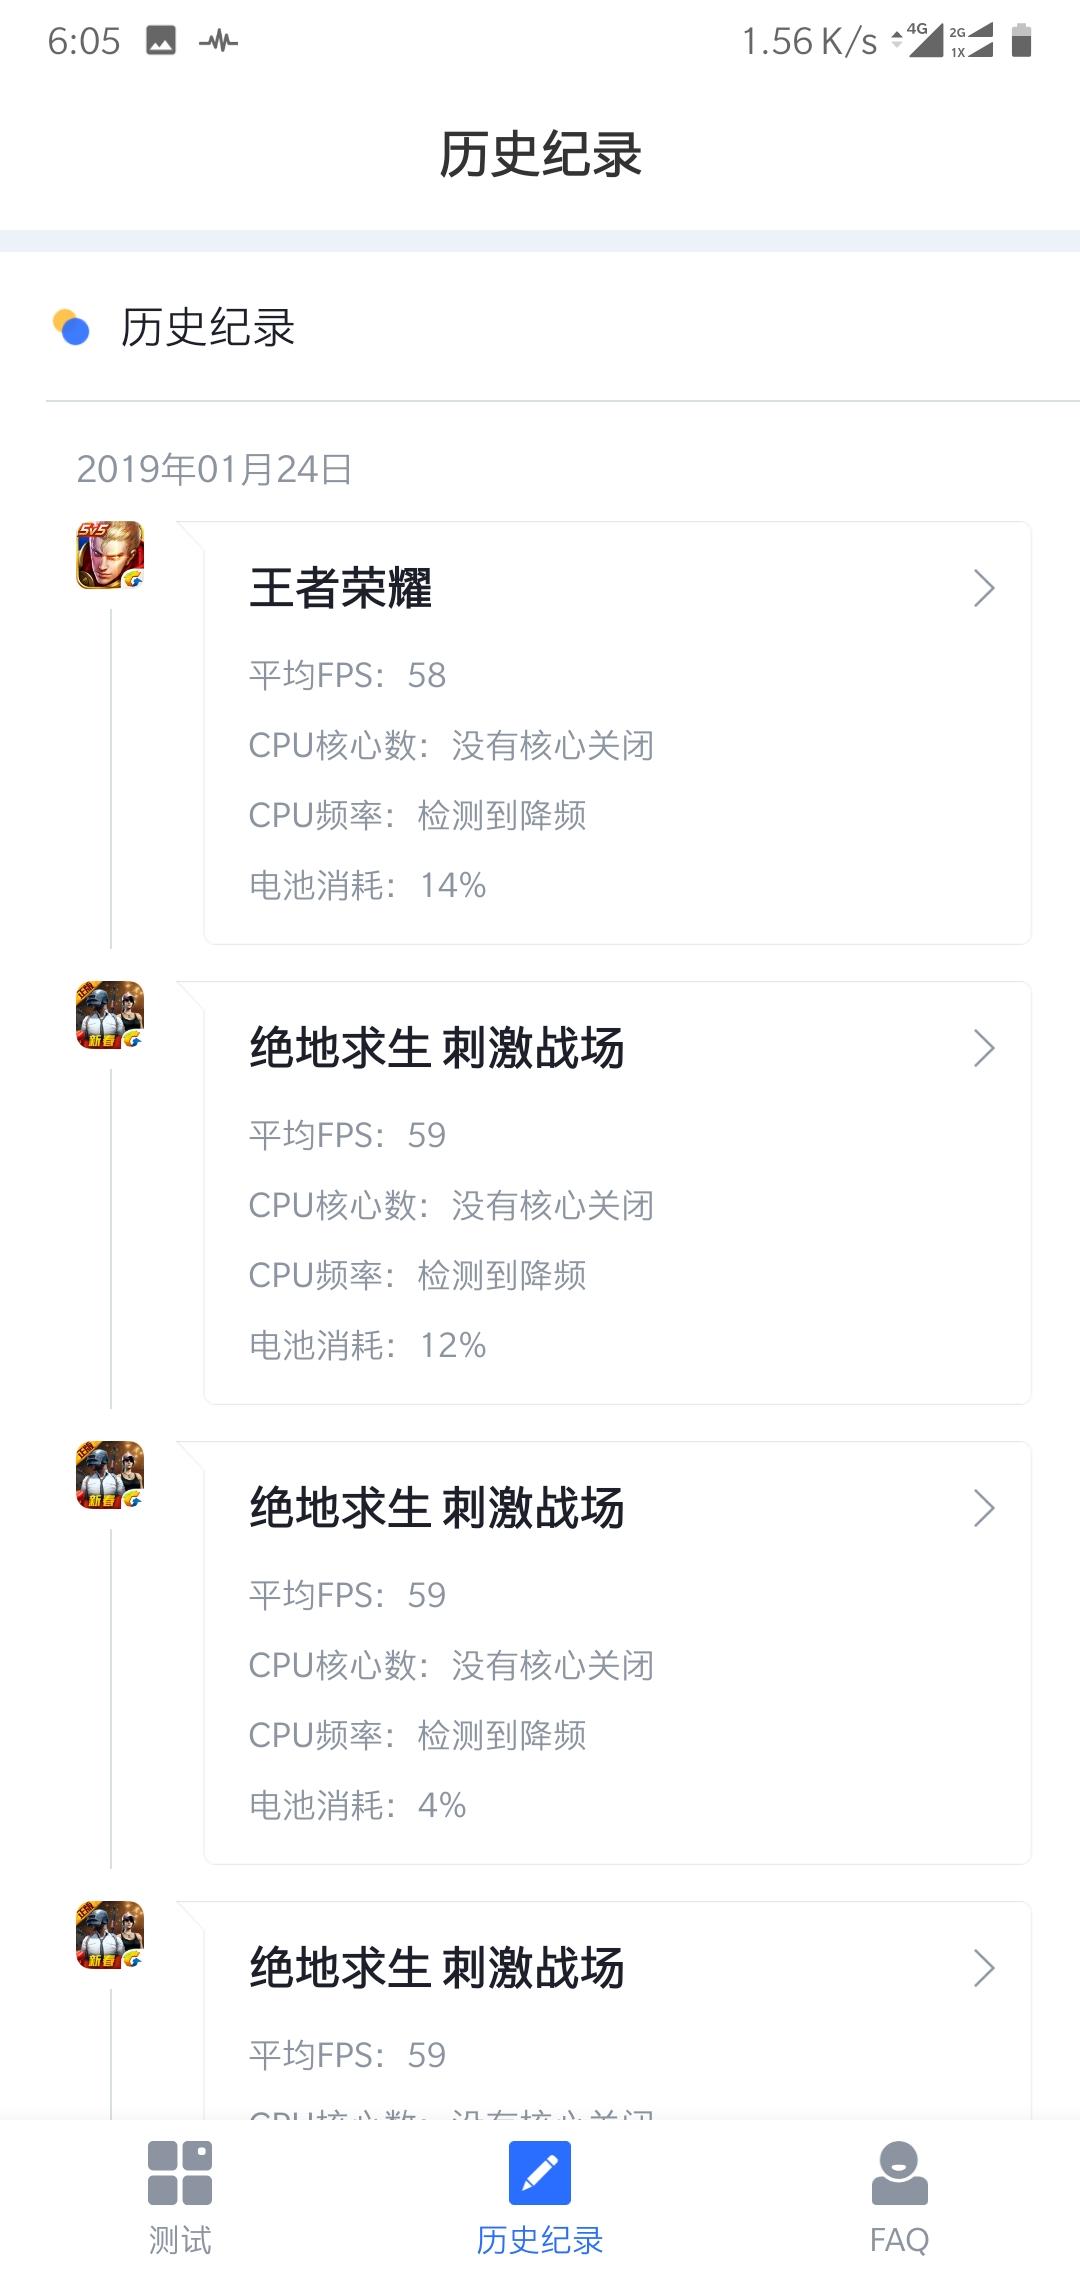 Screenshot_20190124-180501.jpg